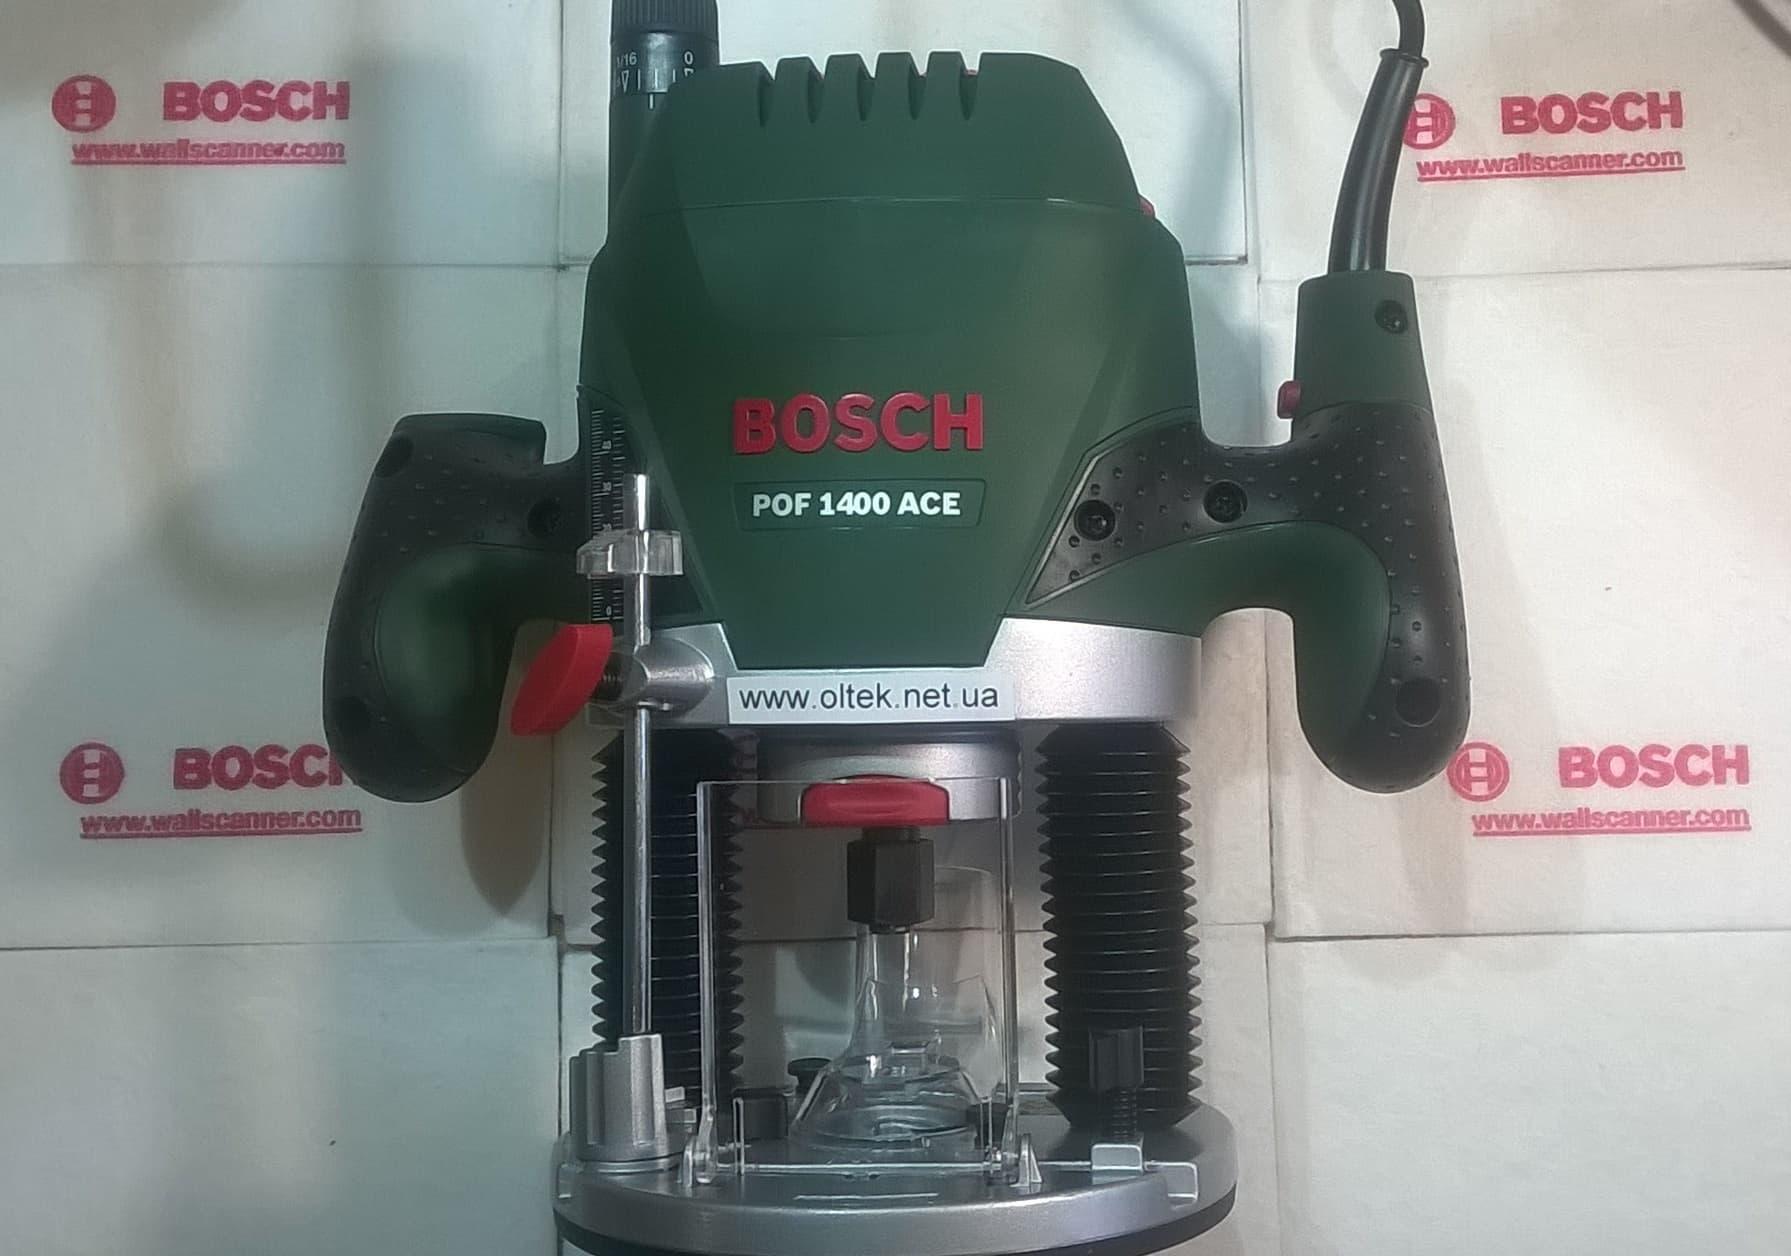 Bosch-POF-1400-ACE